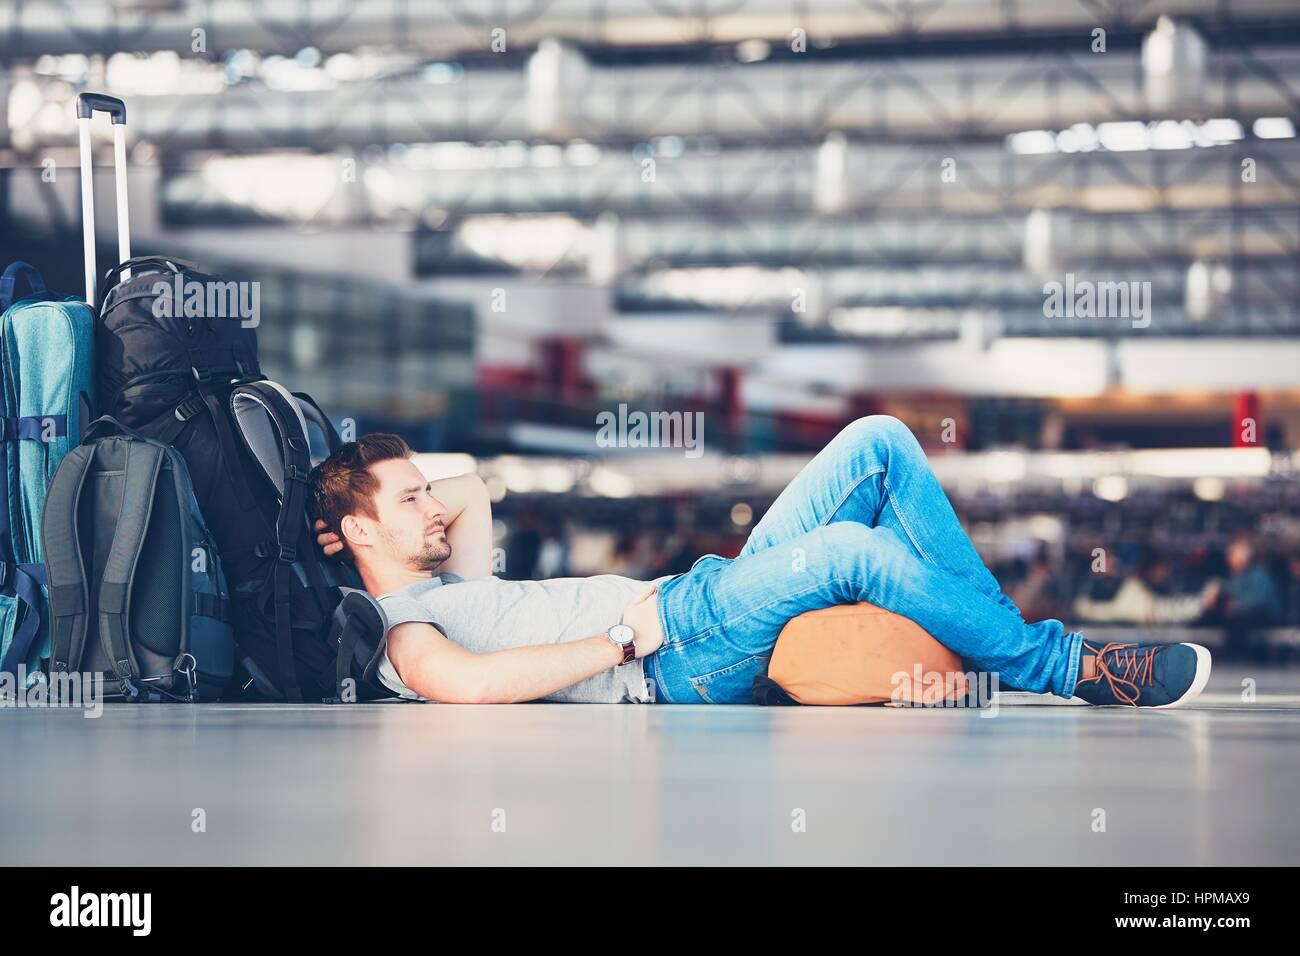 In attesa di viaggiatori all'aeroporto area di partenza per il suo volo di ritardo. Immagini Stock